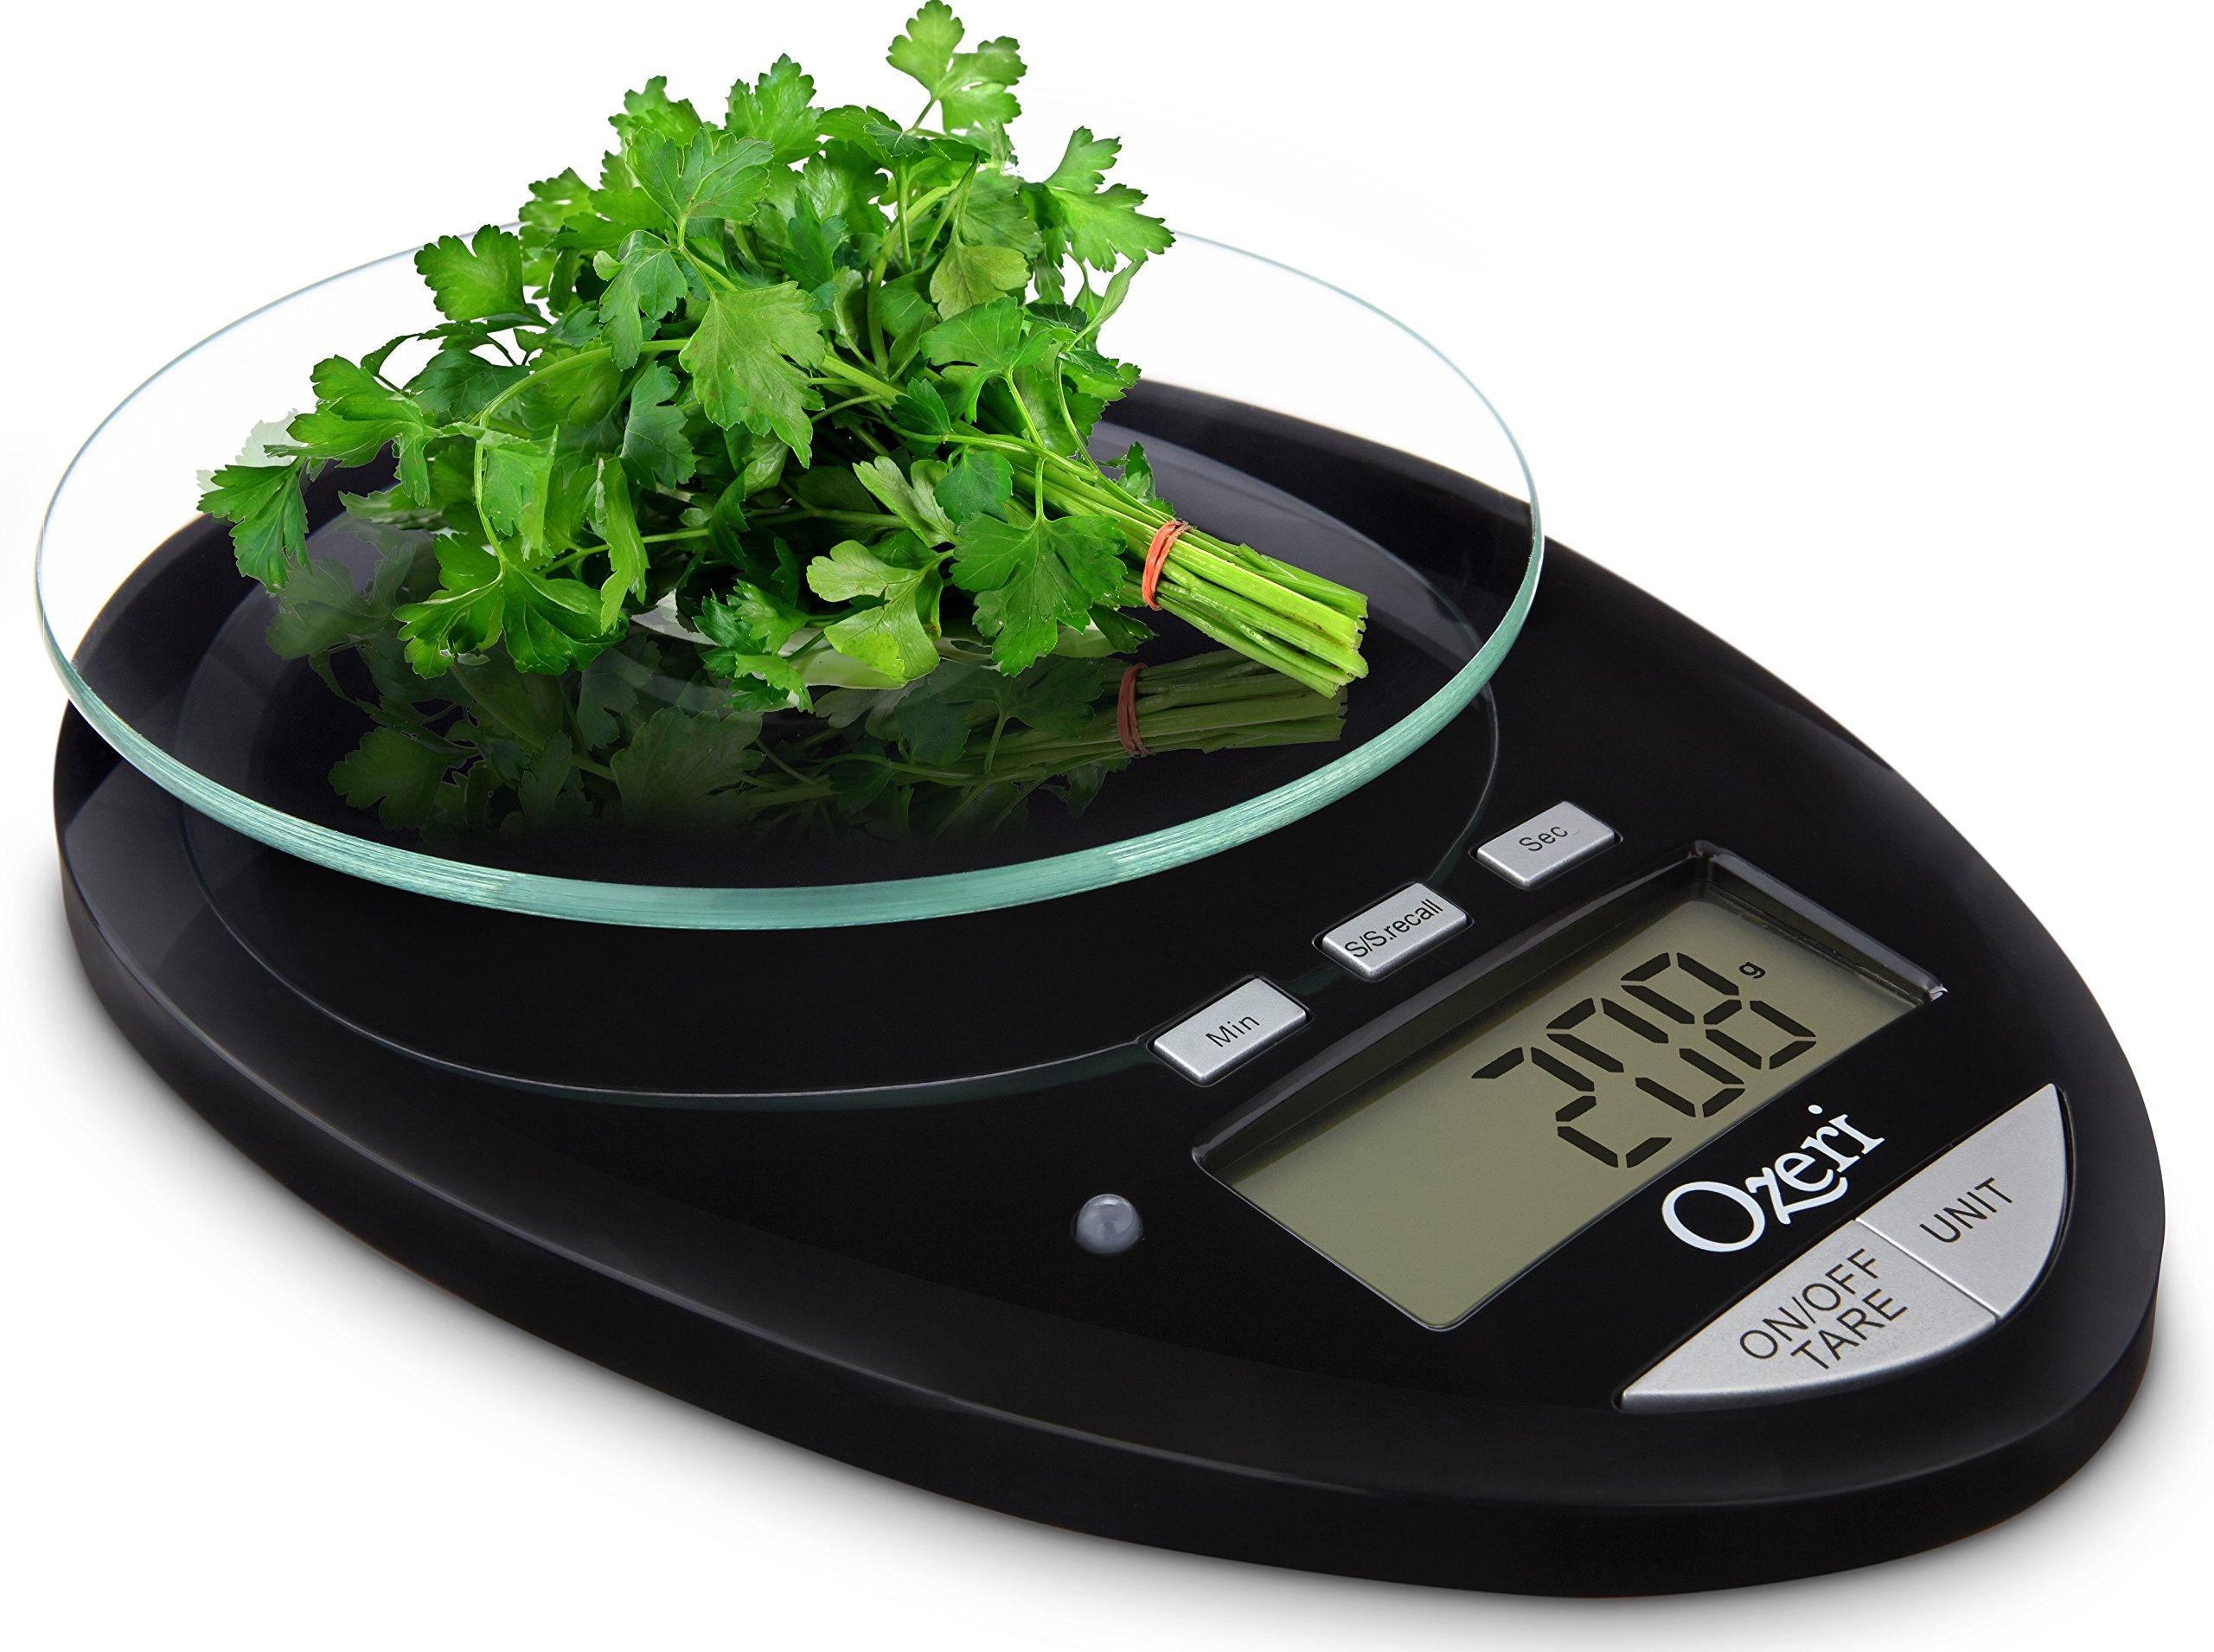 Ozeri Pro II báscula de cocina Digital, 1g a 12 lbs/5,5